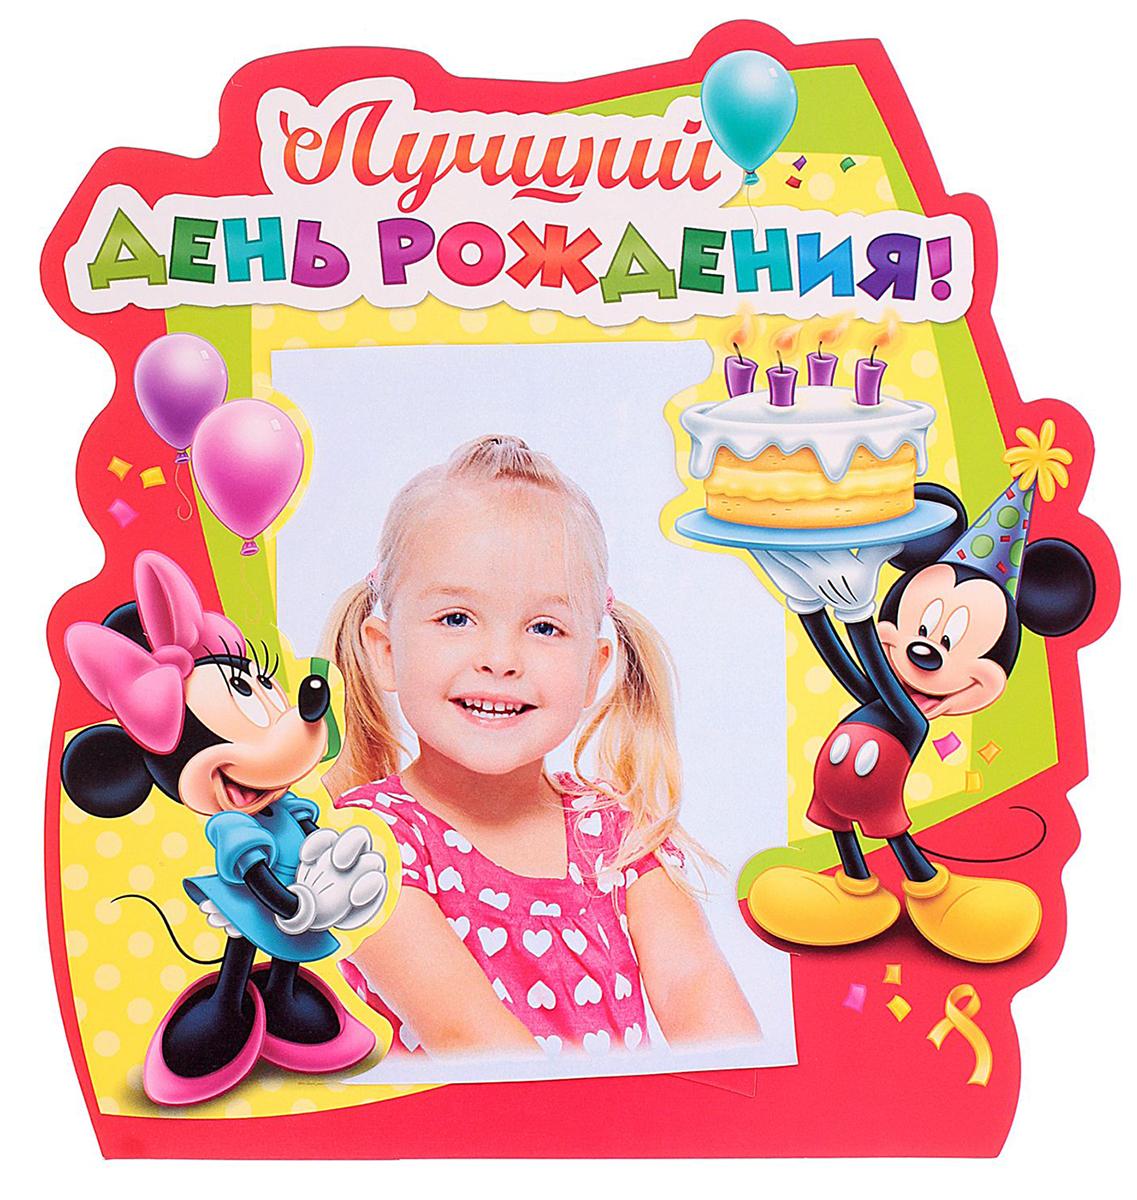 Фоторамка Disney Лучший день рождения!, 10 х 15 см. 11478861147886Воспоминания из детства бесценны. Запечатлеть самые яркие моменты из жизни крохи на фото — это так важно. А ещё важно, чтобы снимки не потерялись, не помялись и не испортились. Сохранить изображения на долгие годы поможет эта фоторамка. Яркая фоторамка из плотного высококачественного картона с изображением любимых героев Disney обязательно понравится ребёнку. Кстати, в нашем интернет-магазине вы найдёте фотоальбом в той же стилистике. Собери всю коллекцию фототоваров с изображением любимого героя!